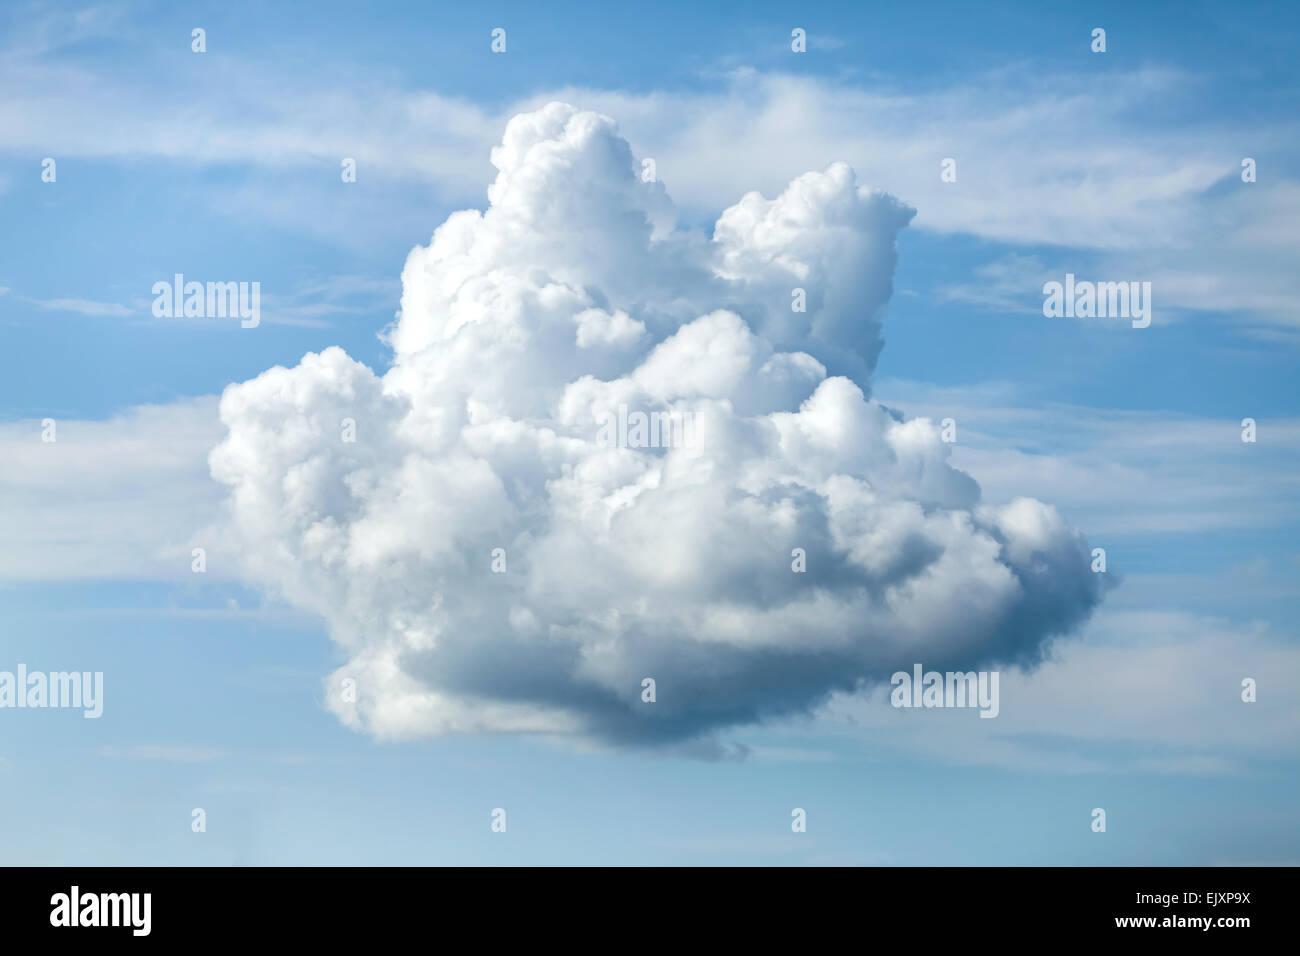 Di forma insolita cloud contro il cielo blu. Immagini Stock